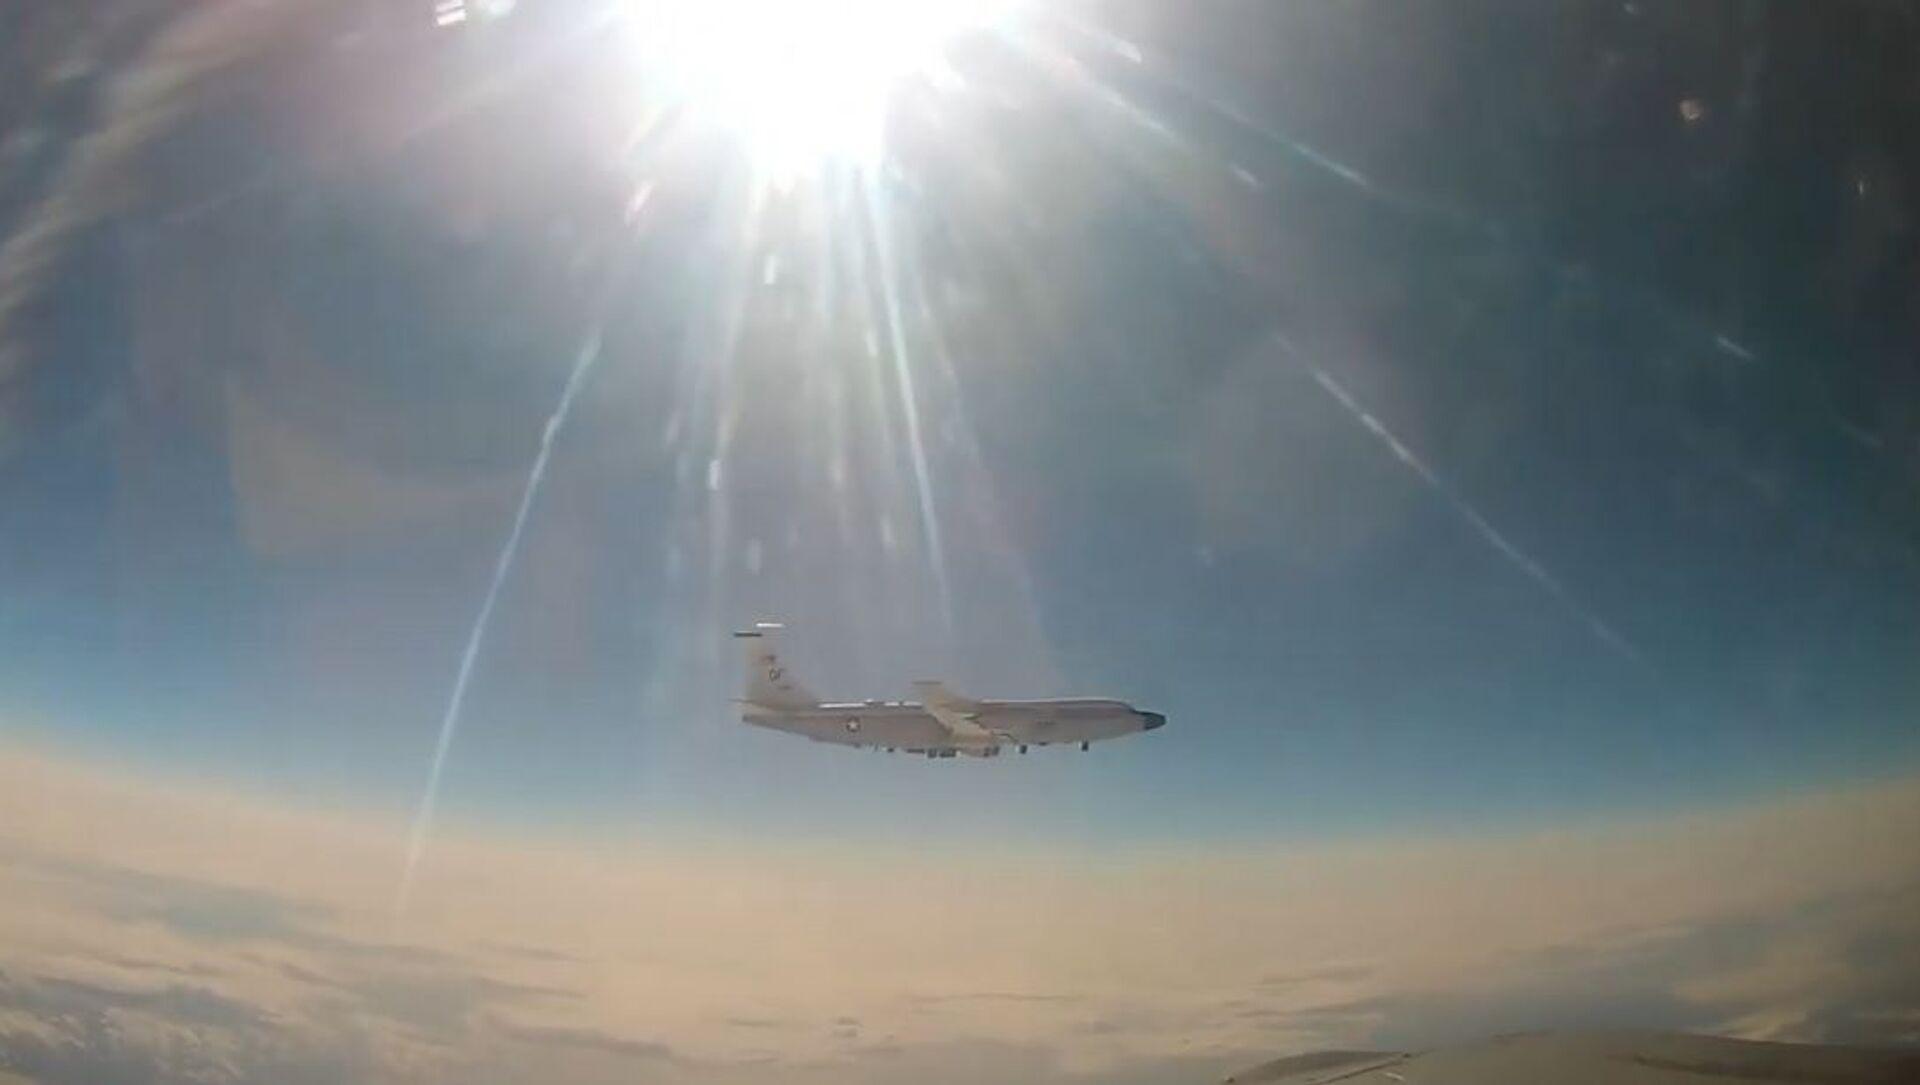 MiG-31 intercetta aereo da ricognizione americano sull'Oceano Pacifico - Sputnik Italia, 1920, 16.04.2021